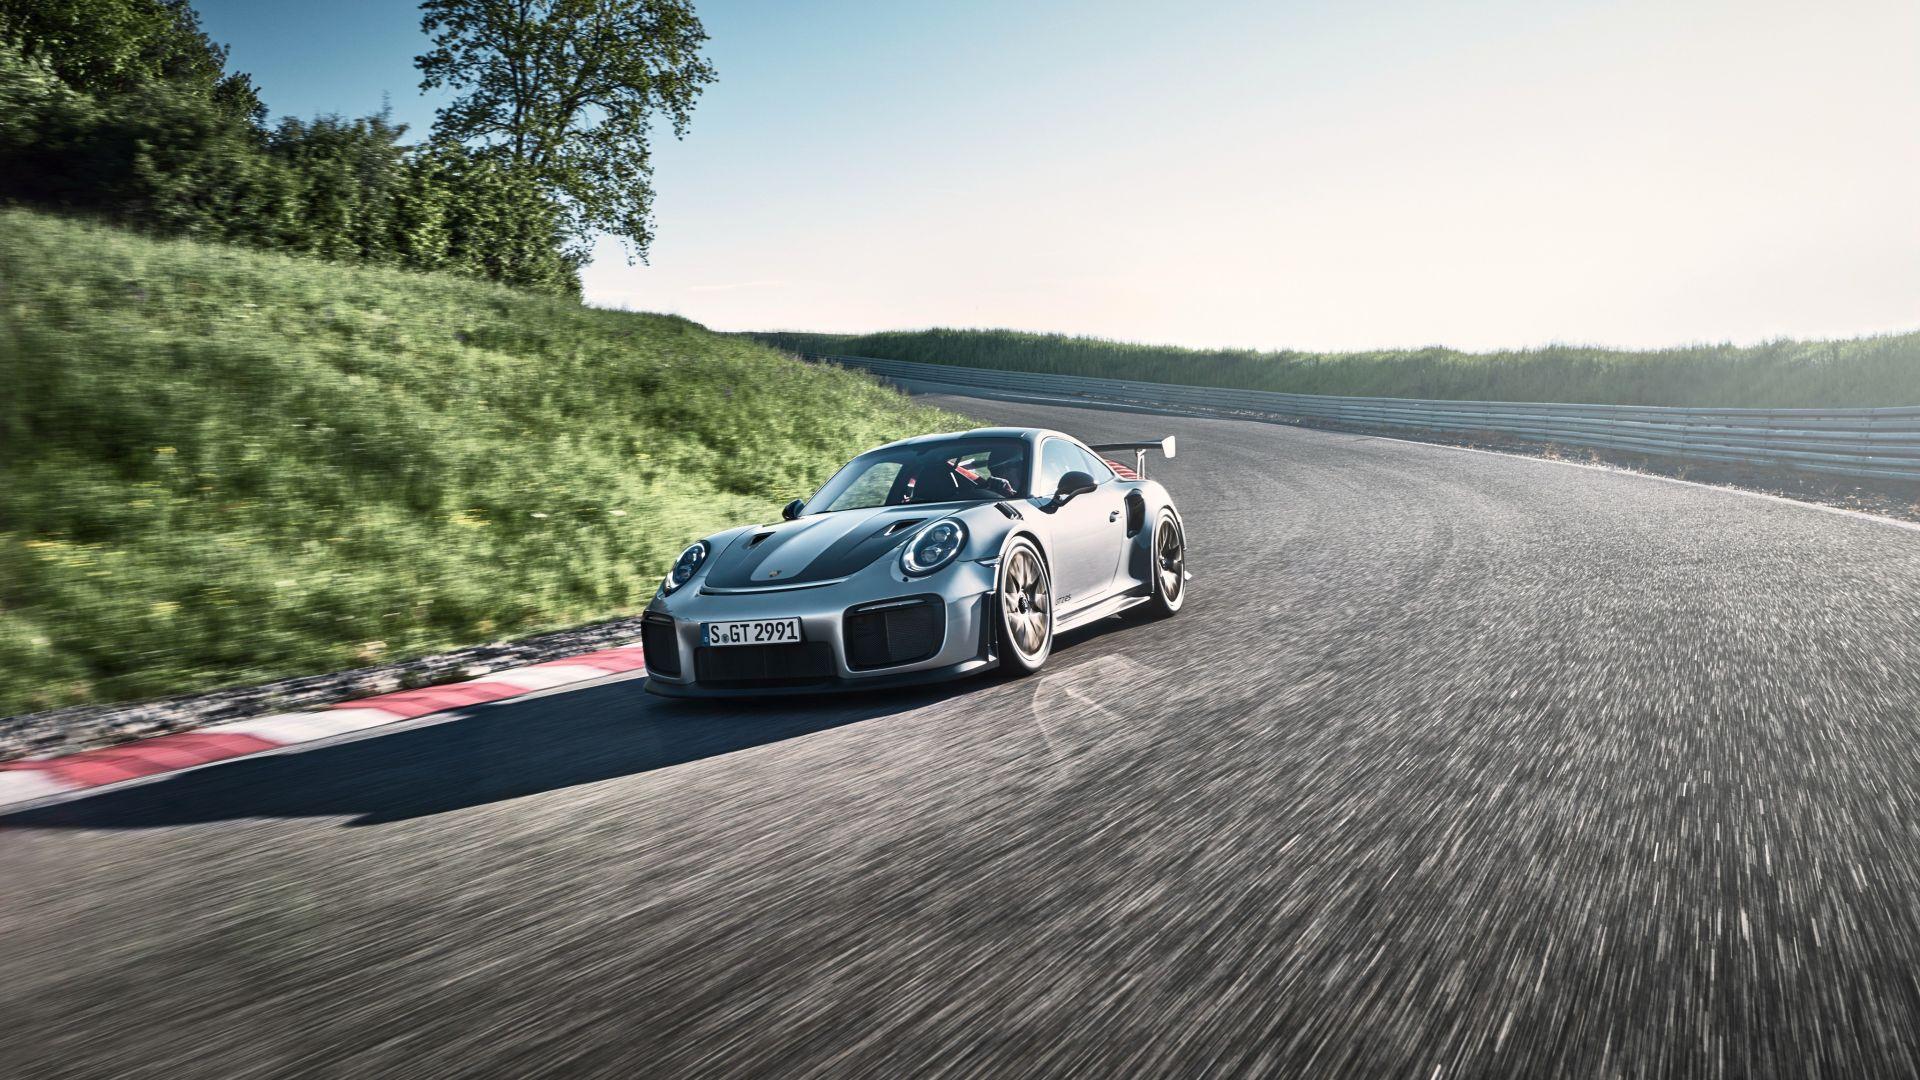 Wallpaper Porsche 911 GT2, sports car, running